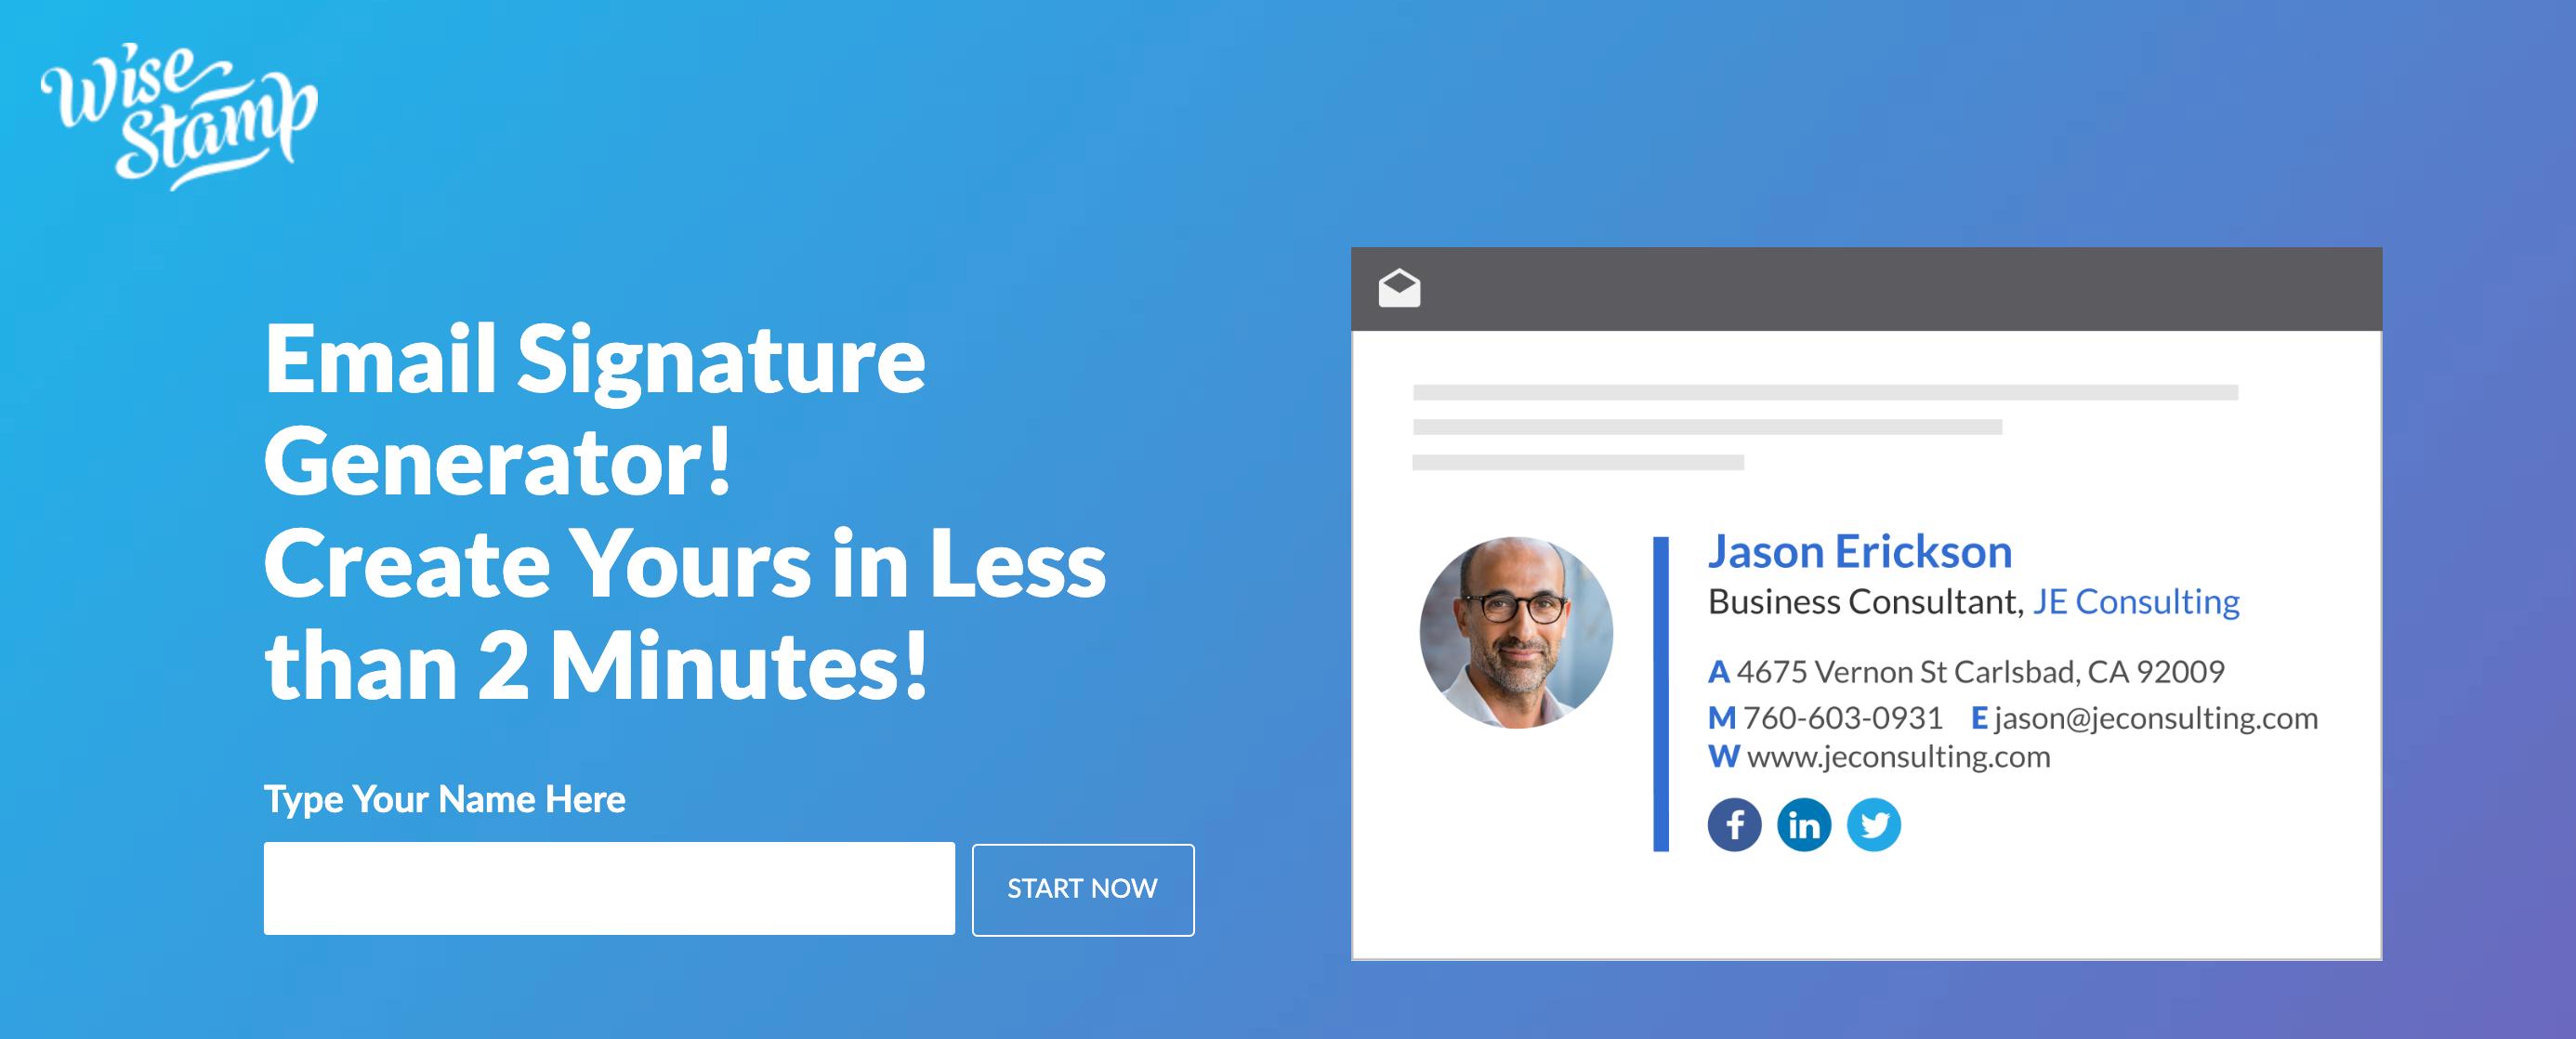 WiseStamp Email Signature Design Tool